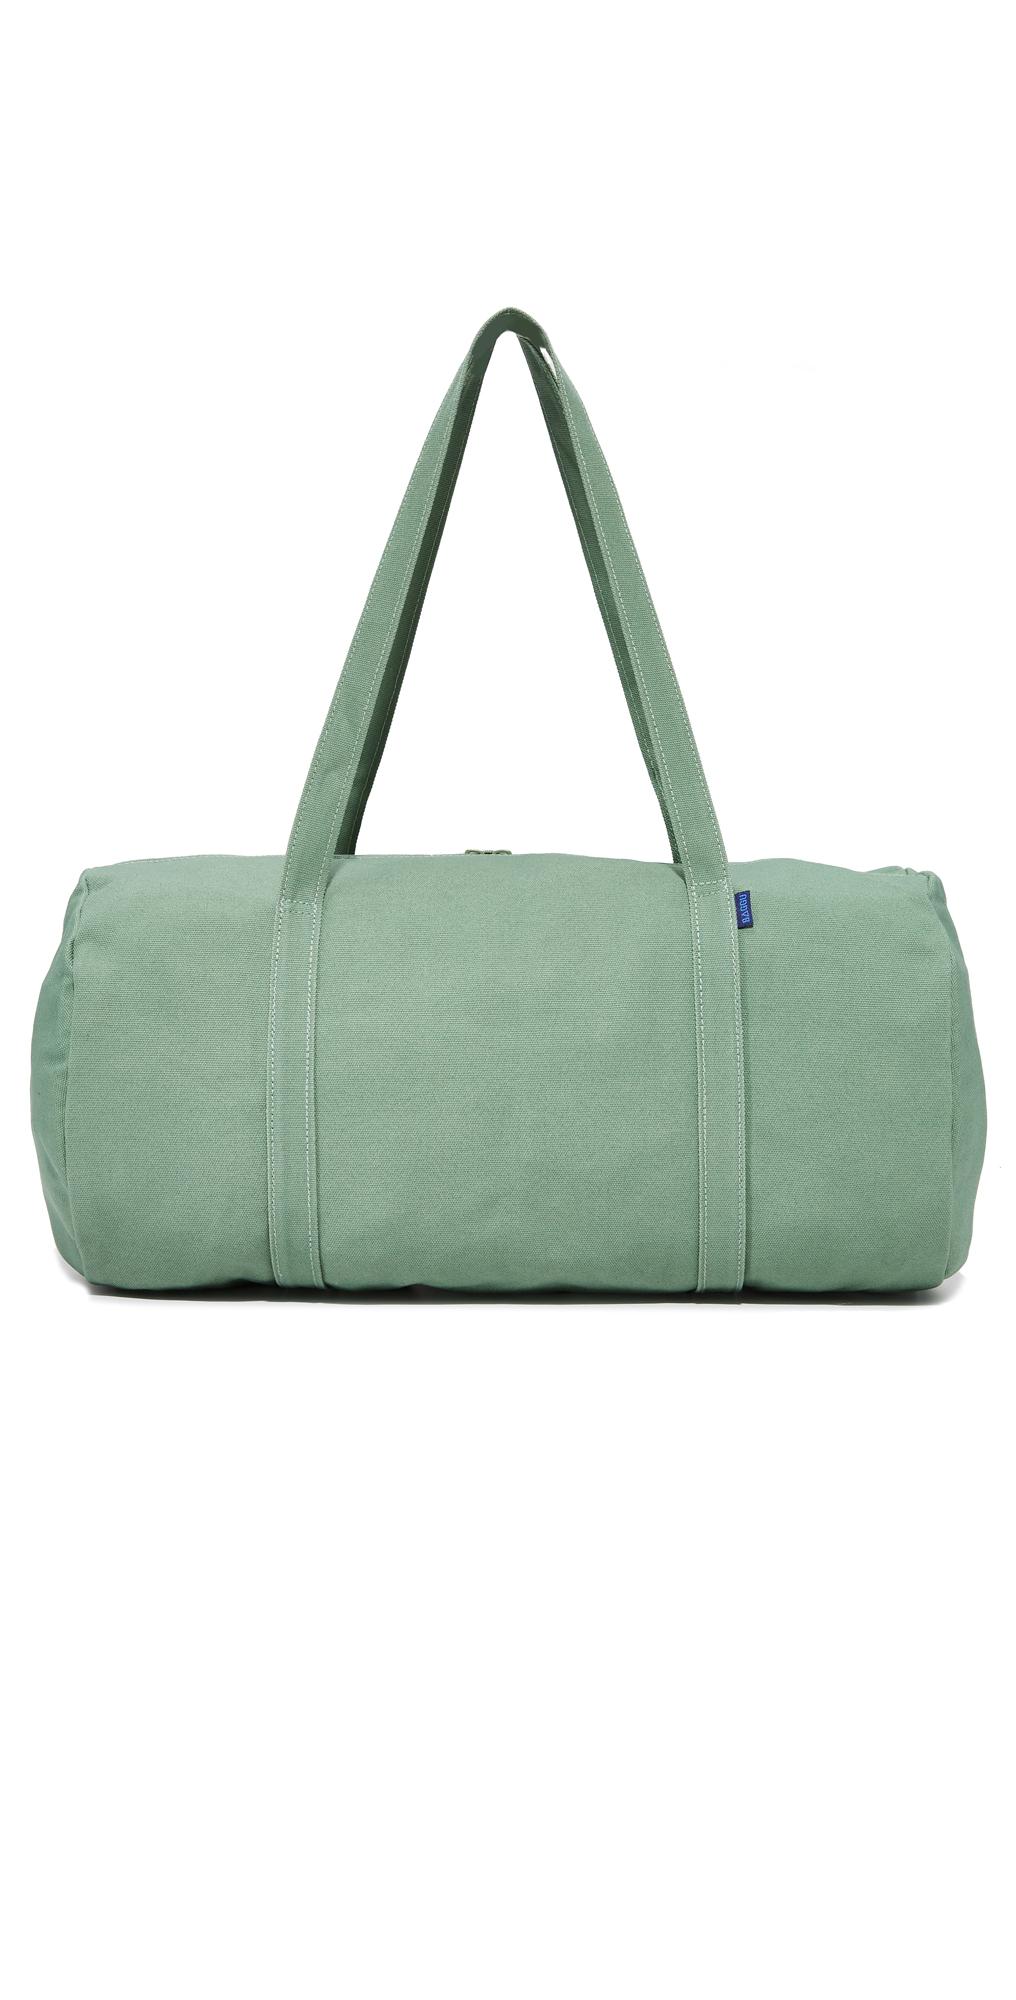 Duffel Bag BAGGU